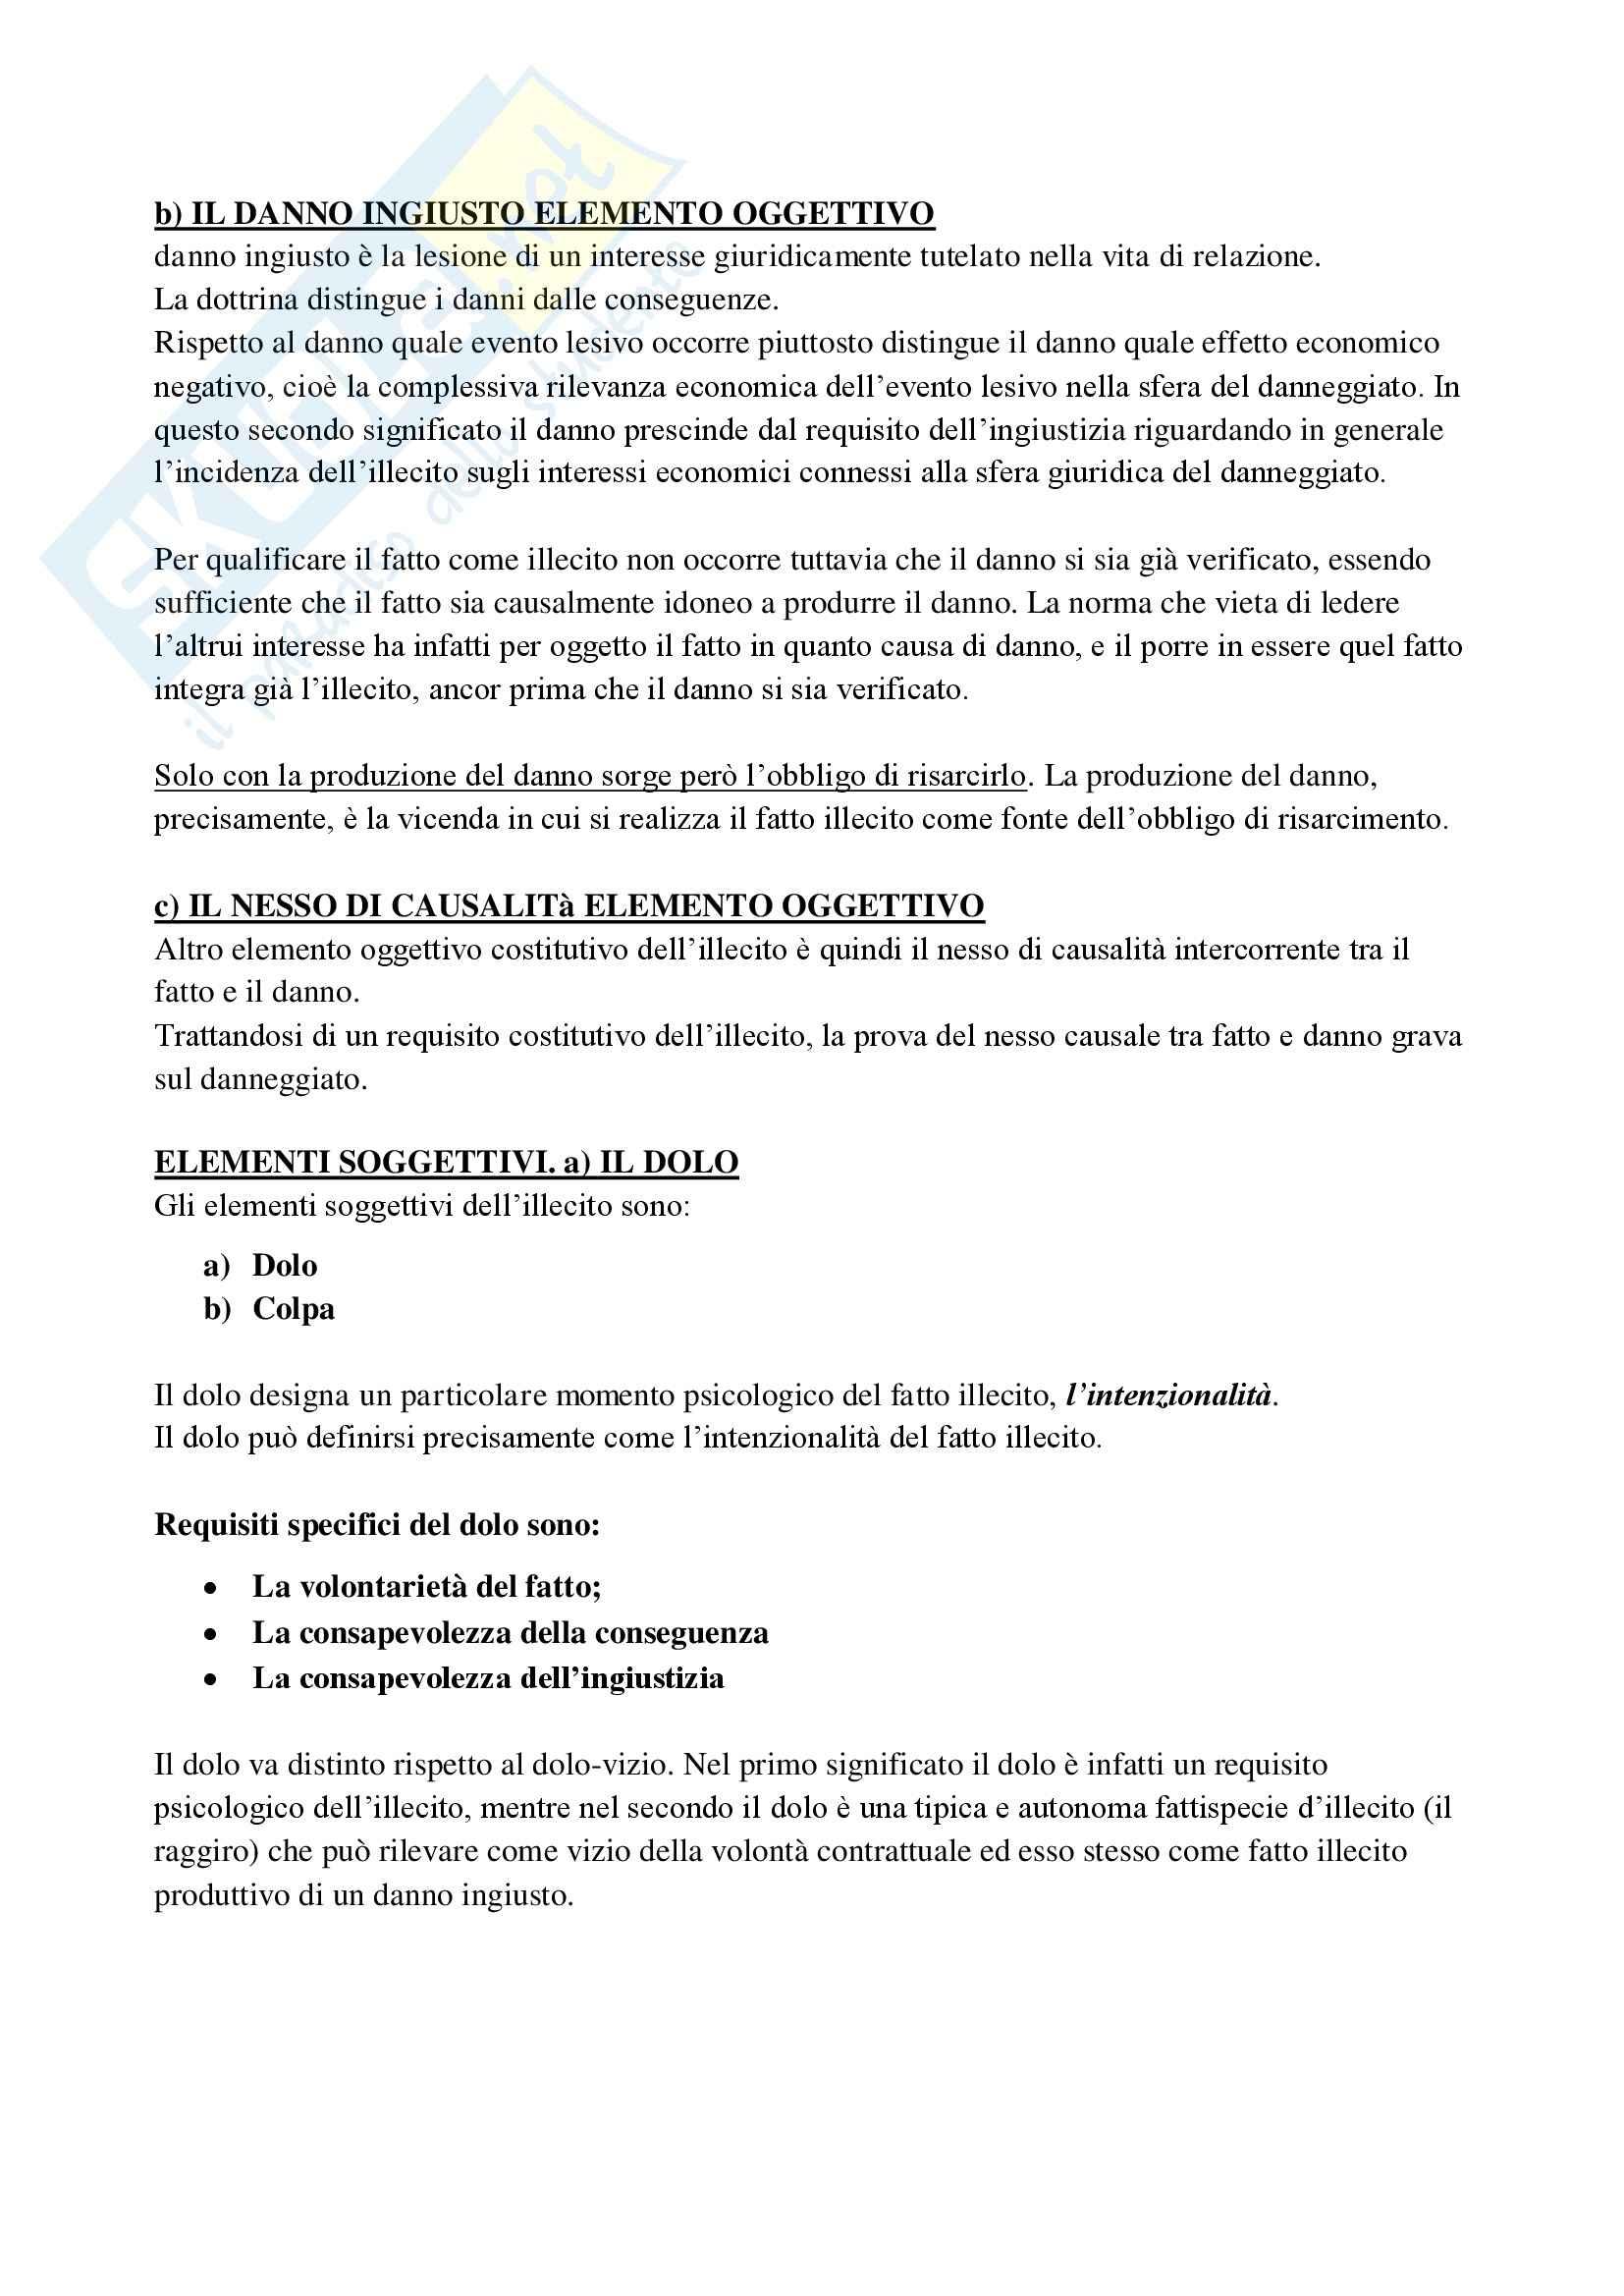 Diritto privato e della comunicazione - Appunti Pag. 36